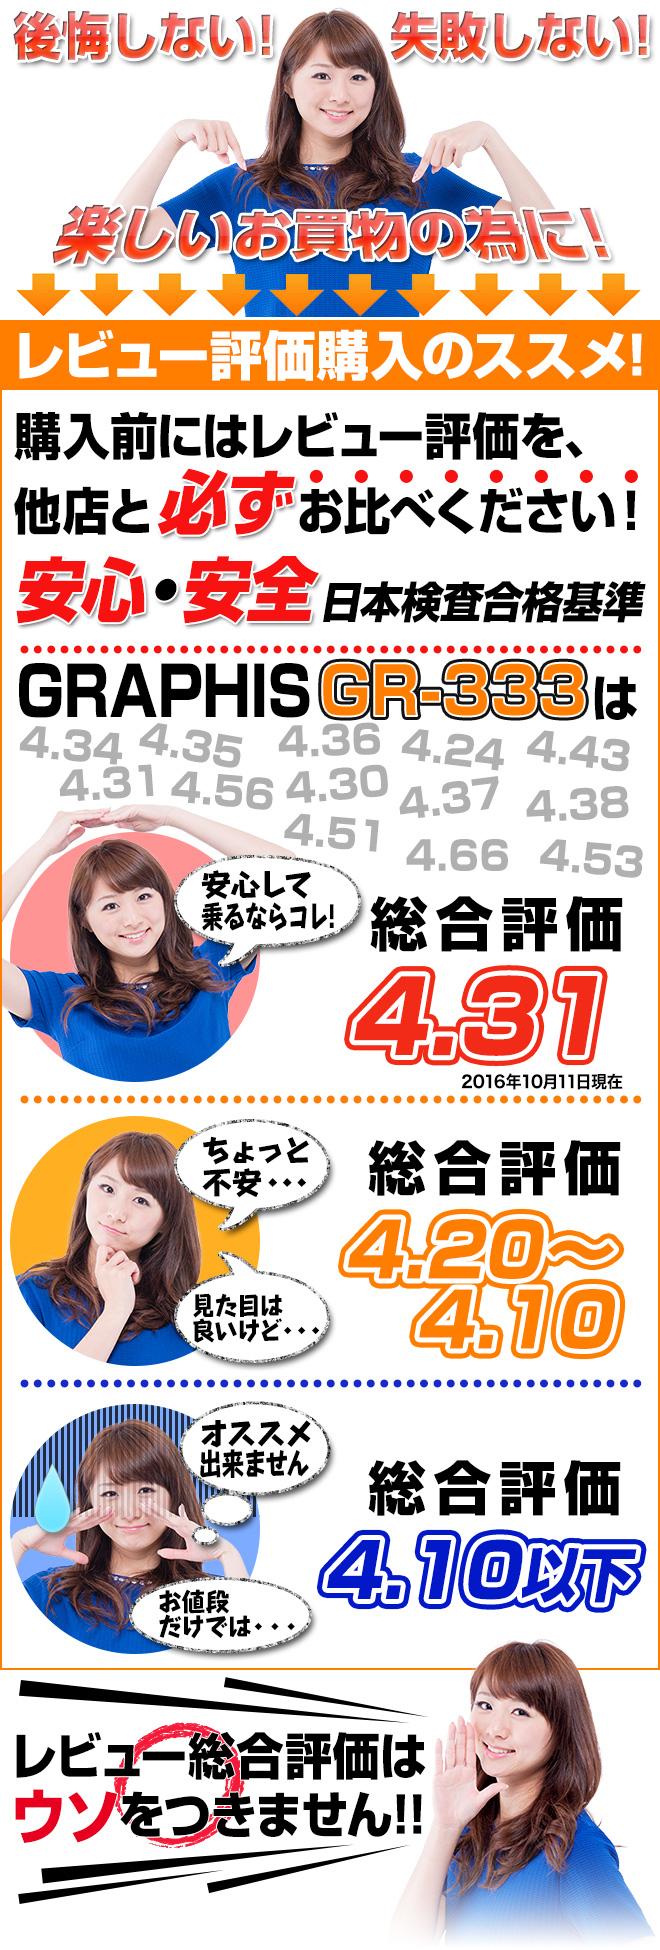 rev-susume_333.jpg